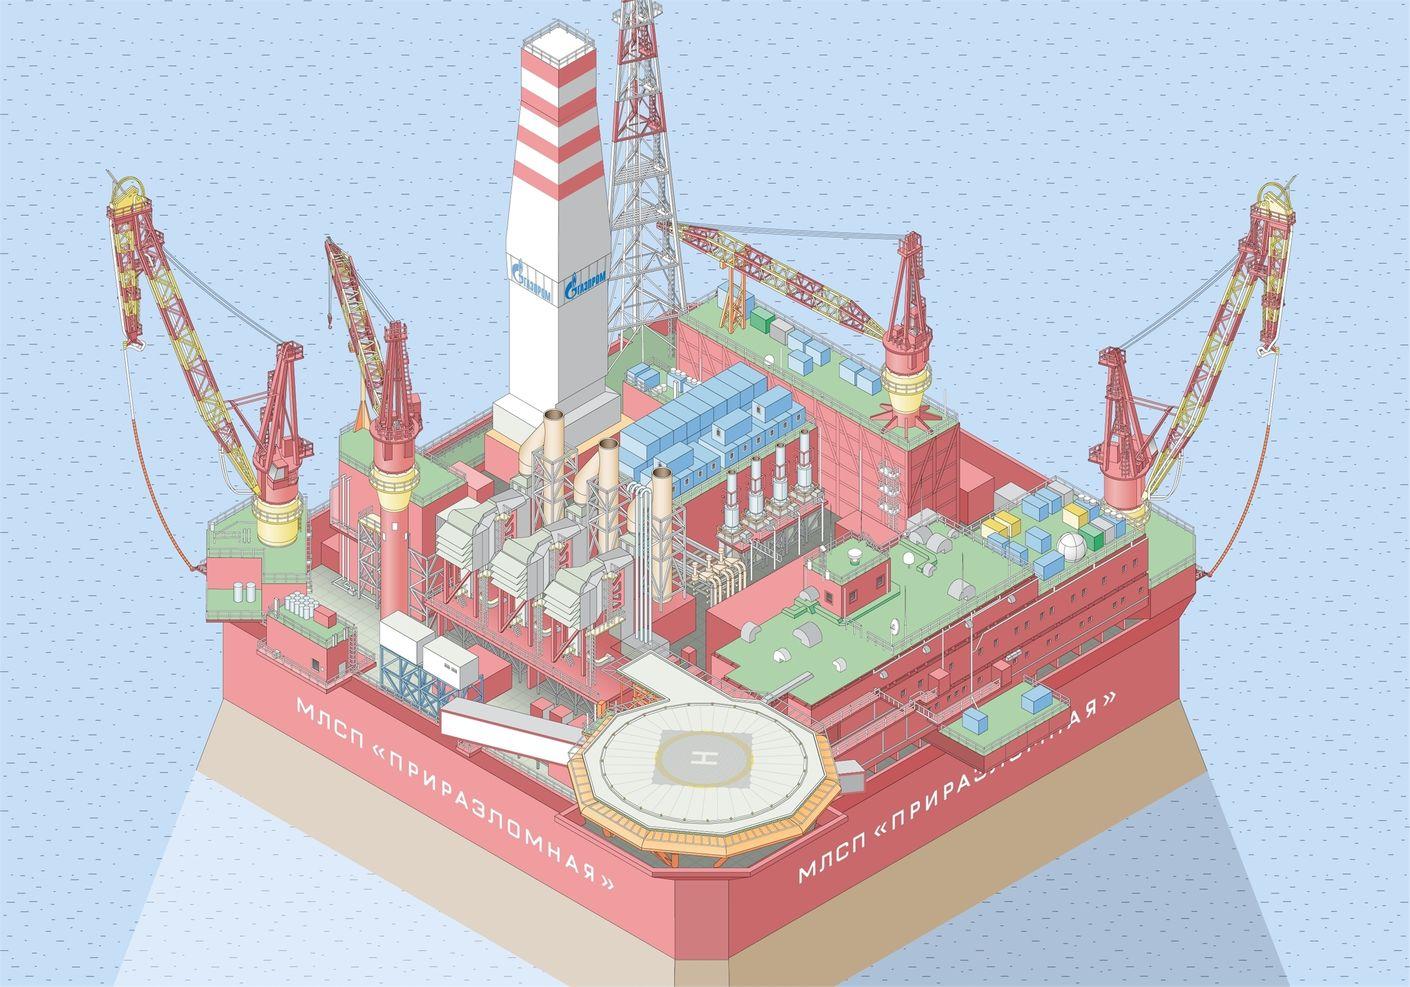 Интерактивная карта платформы «Приразломная» для компании «Газпромнефть» от Лаборатории дизайна НИУ ВШЭ - hsedesignlab.ru